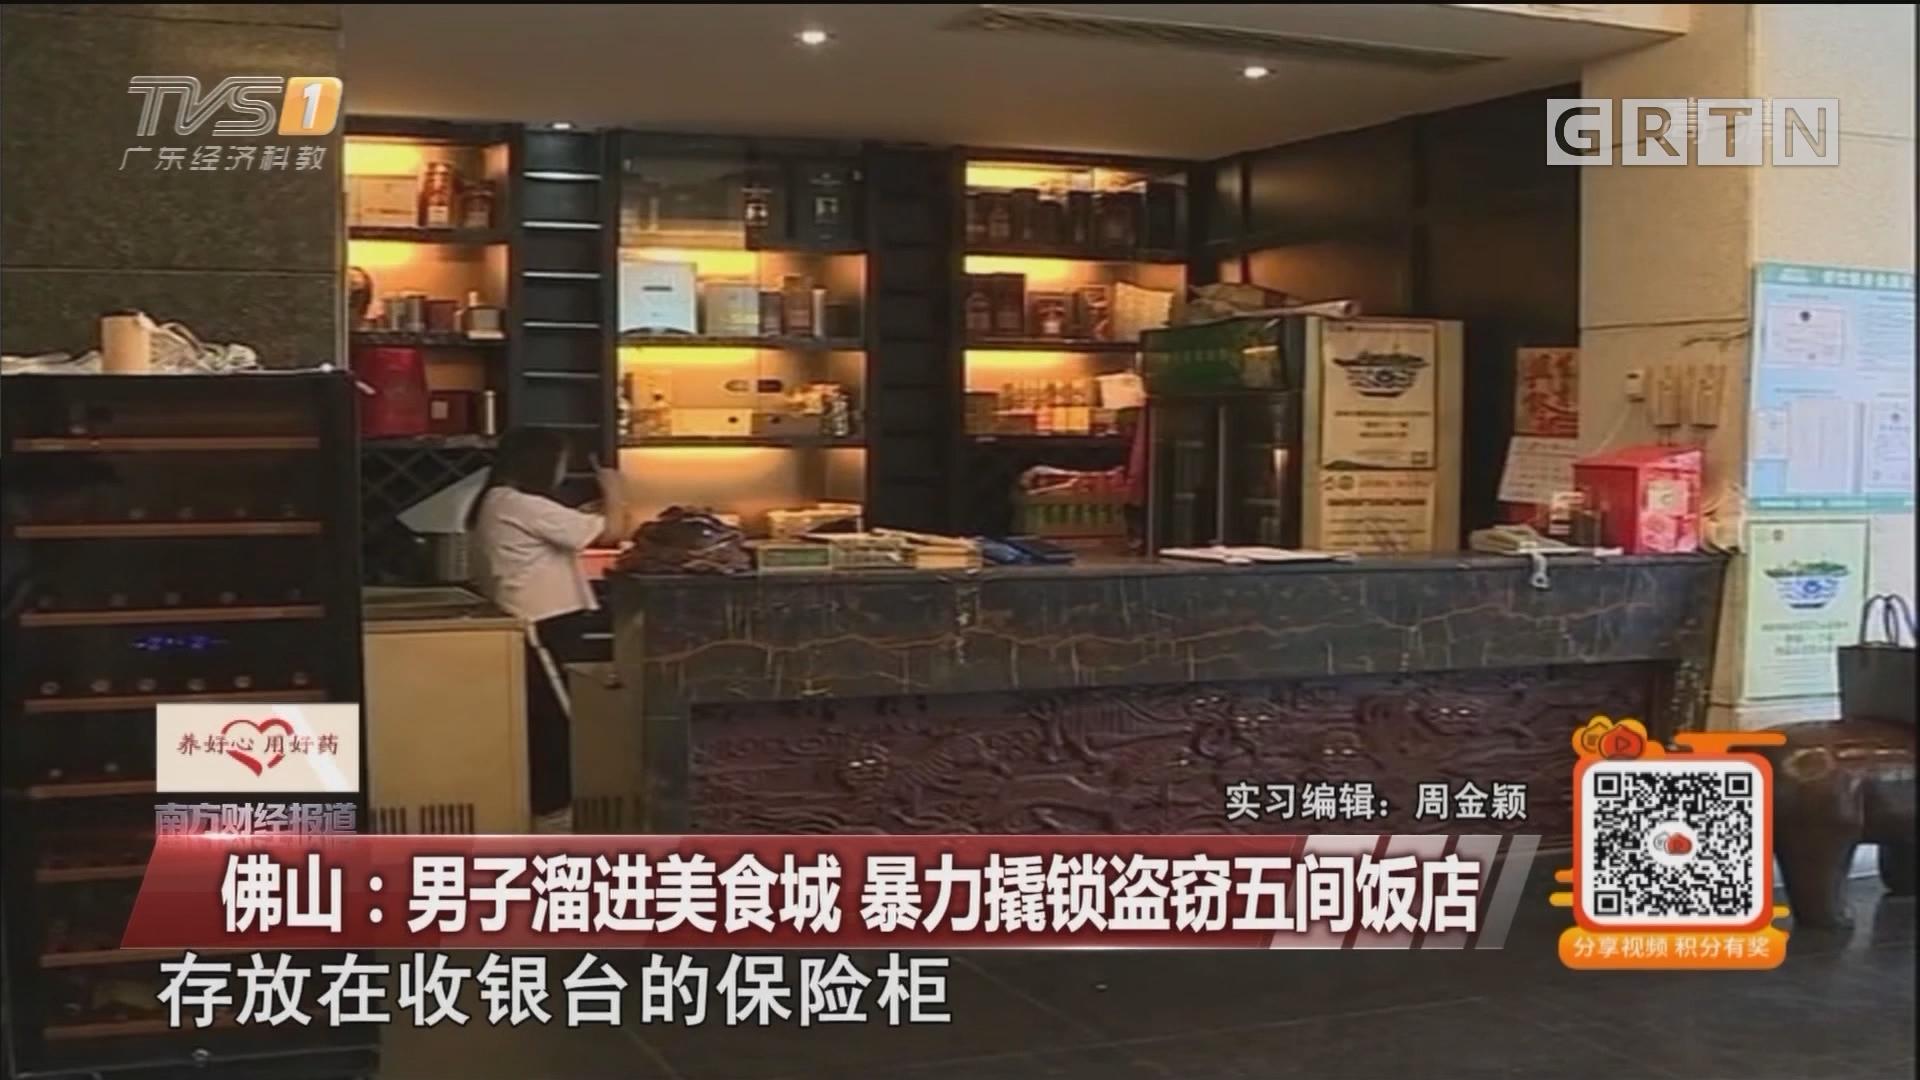 佛山:男子溜进美食城 暴力撬锁盗窃五间饭店